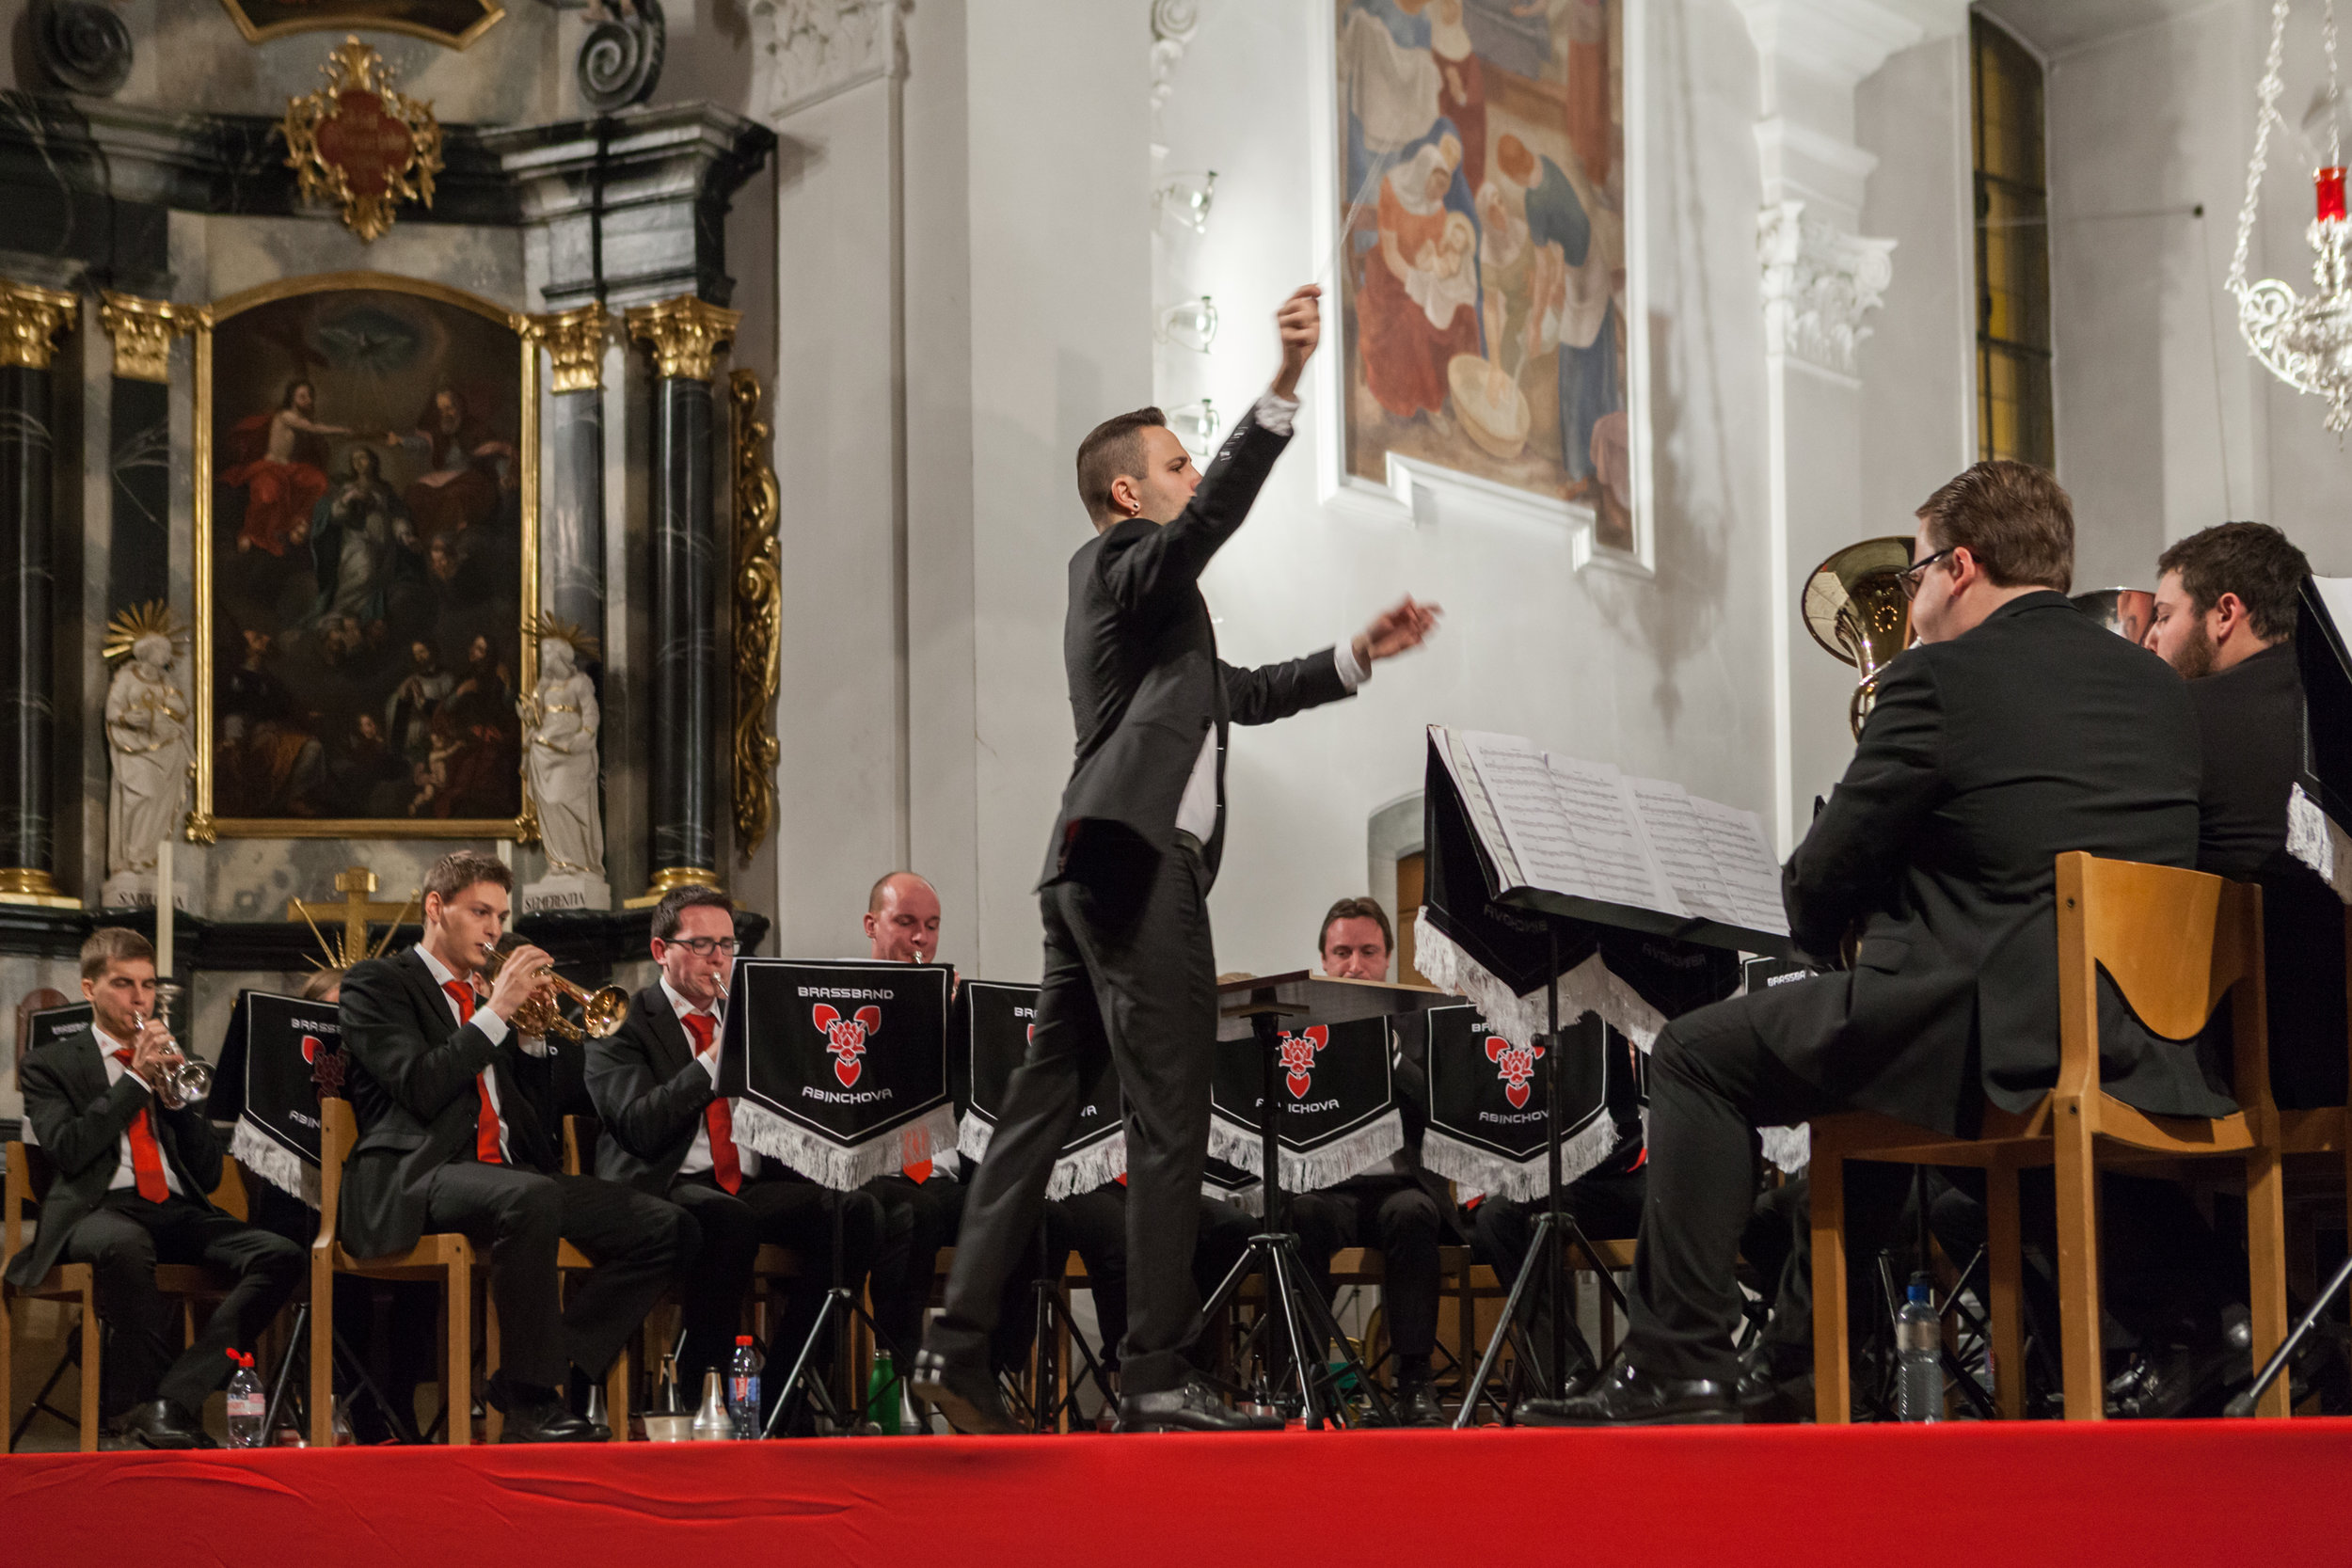 20161210_Gaudette_Konzert_Brassband_Abinchova_15.jpg